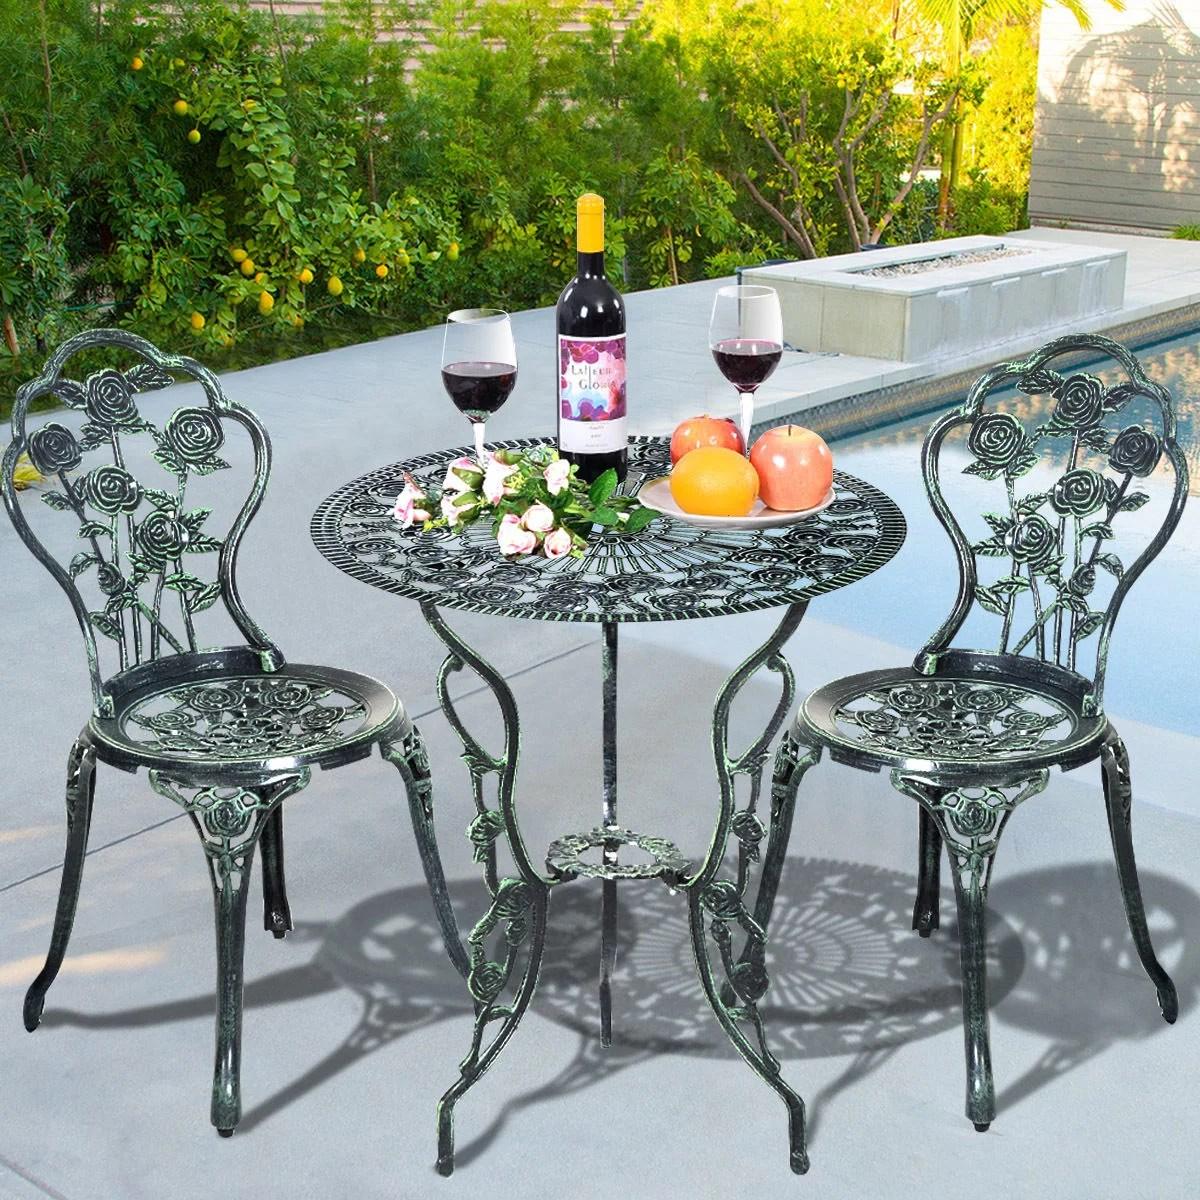 costway rose design cast aluminum outdoor 3 piece outdoor bistro set antique green walmart com